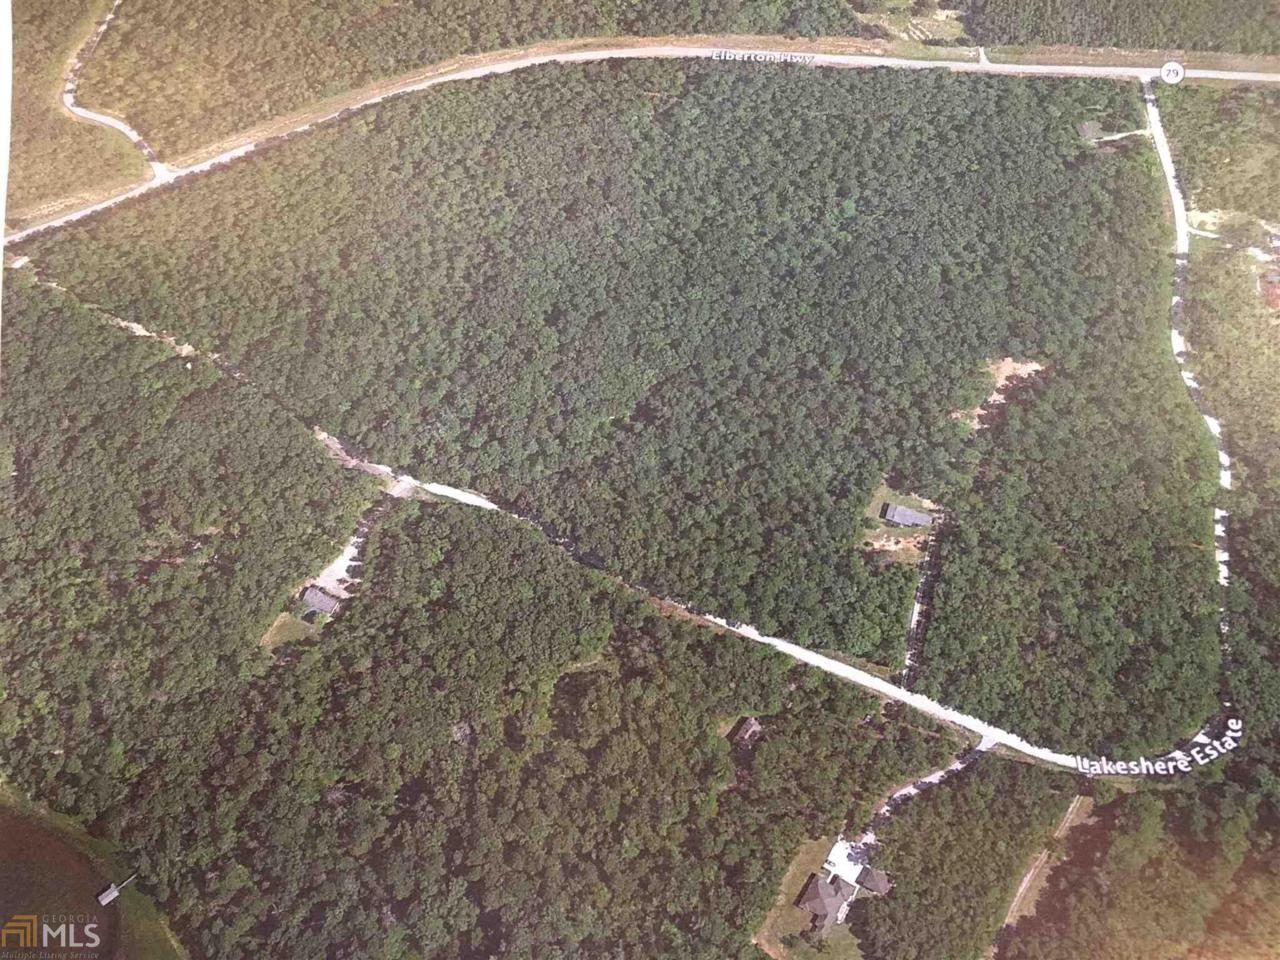 0 Elberton Hwy State Hwy 79 - Photo 1